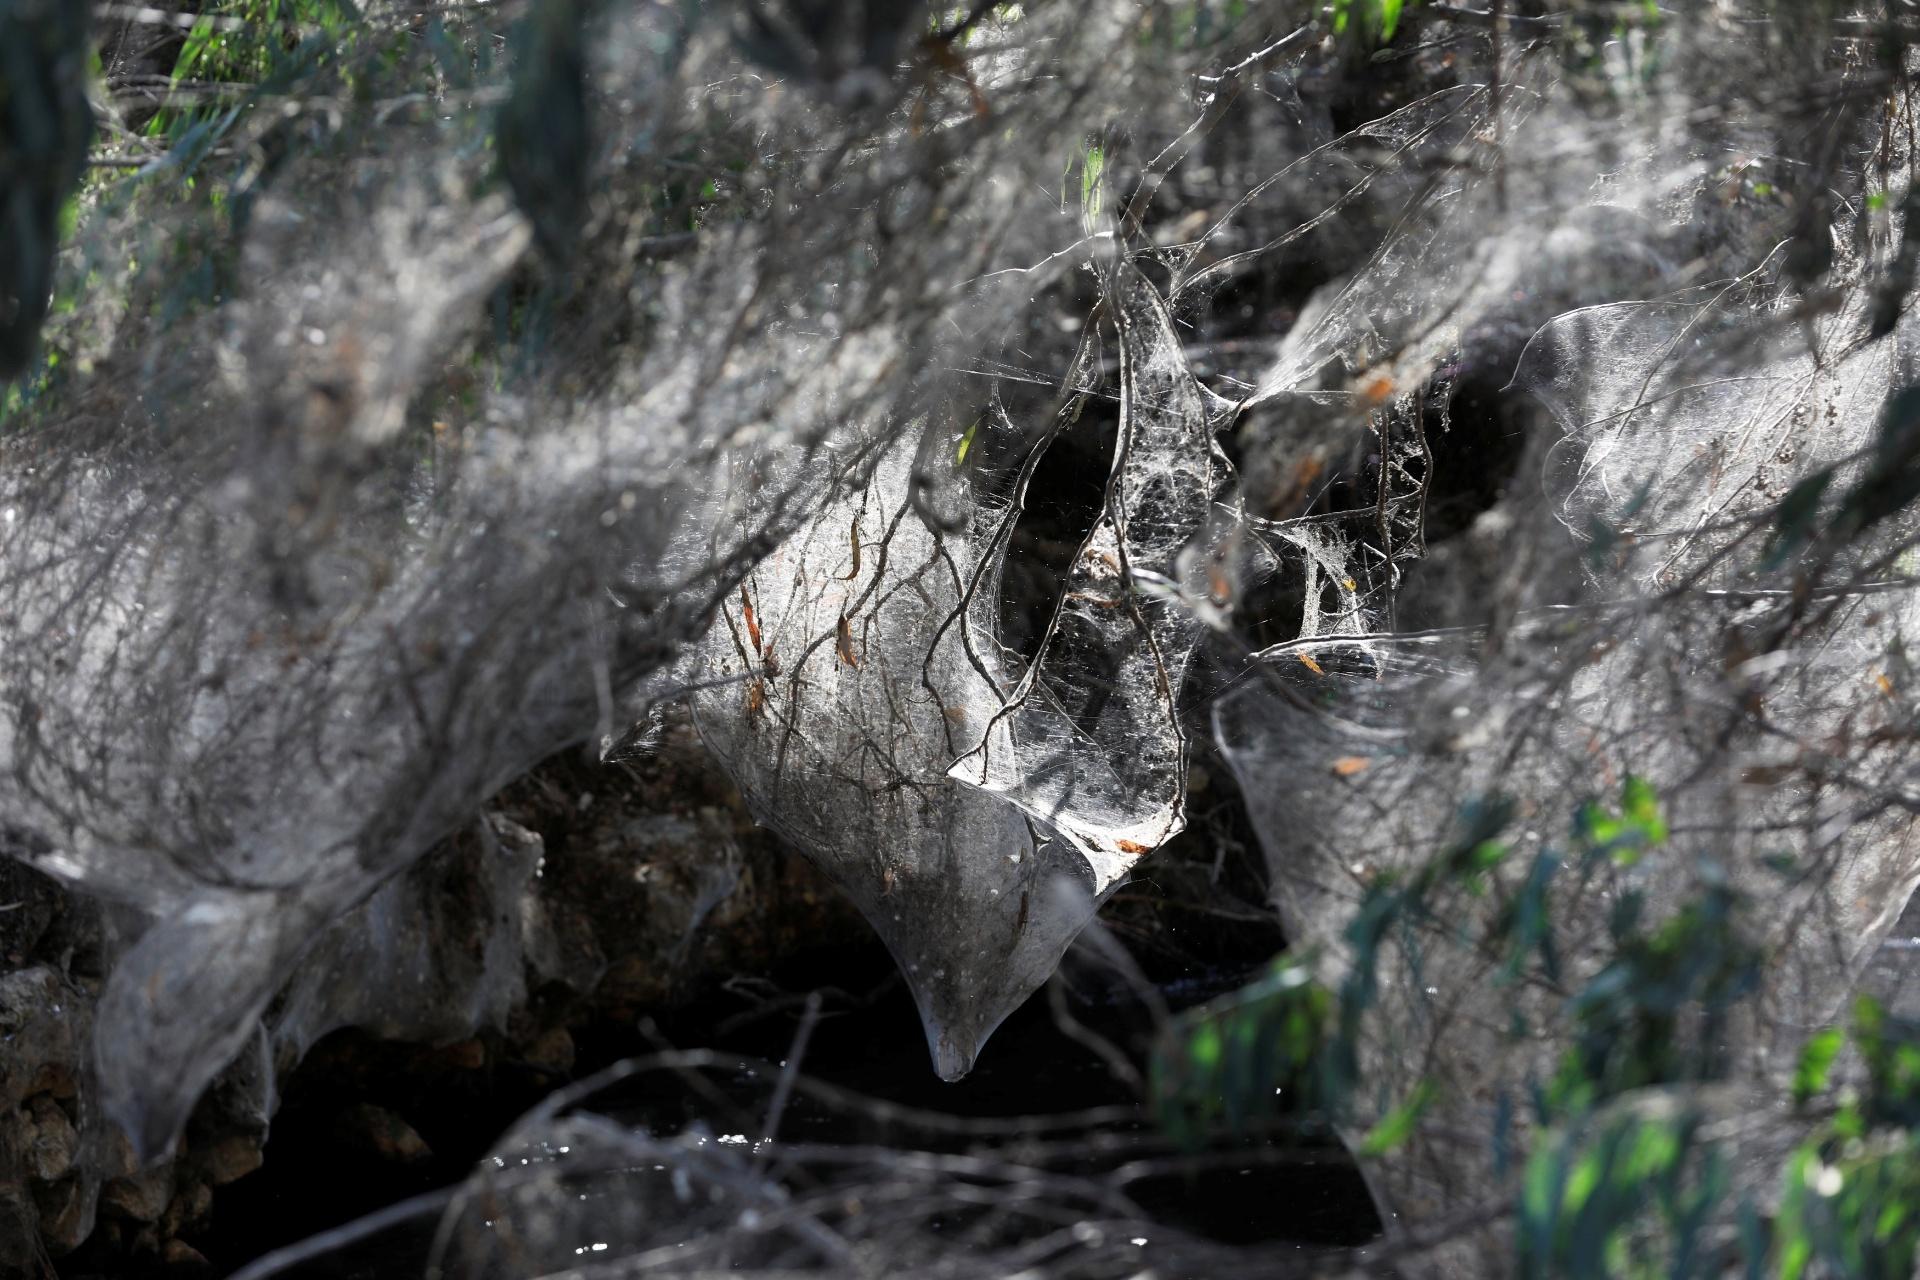 8.nov.2017 - No entanto, enquanto os ovos das aranhas estão por todos os lados nas margens do riacho, o futuro do local é incerto. A queda da temperatura em breve causará uma baixa na população de mosquitos que alimenta as tecelãs